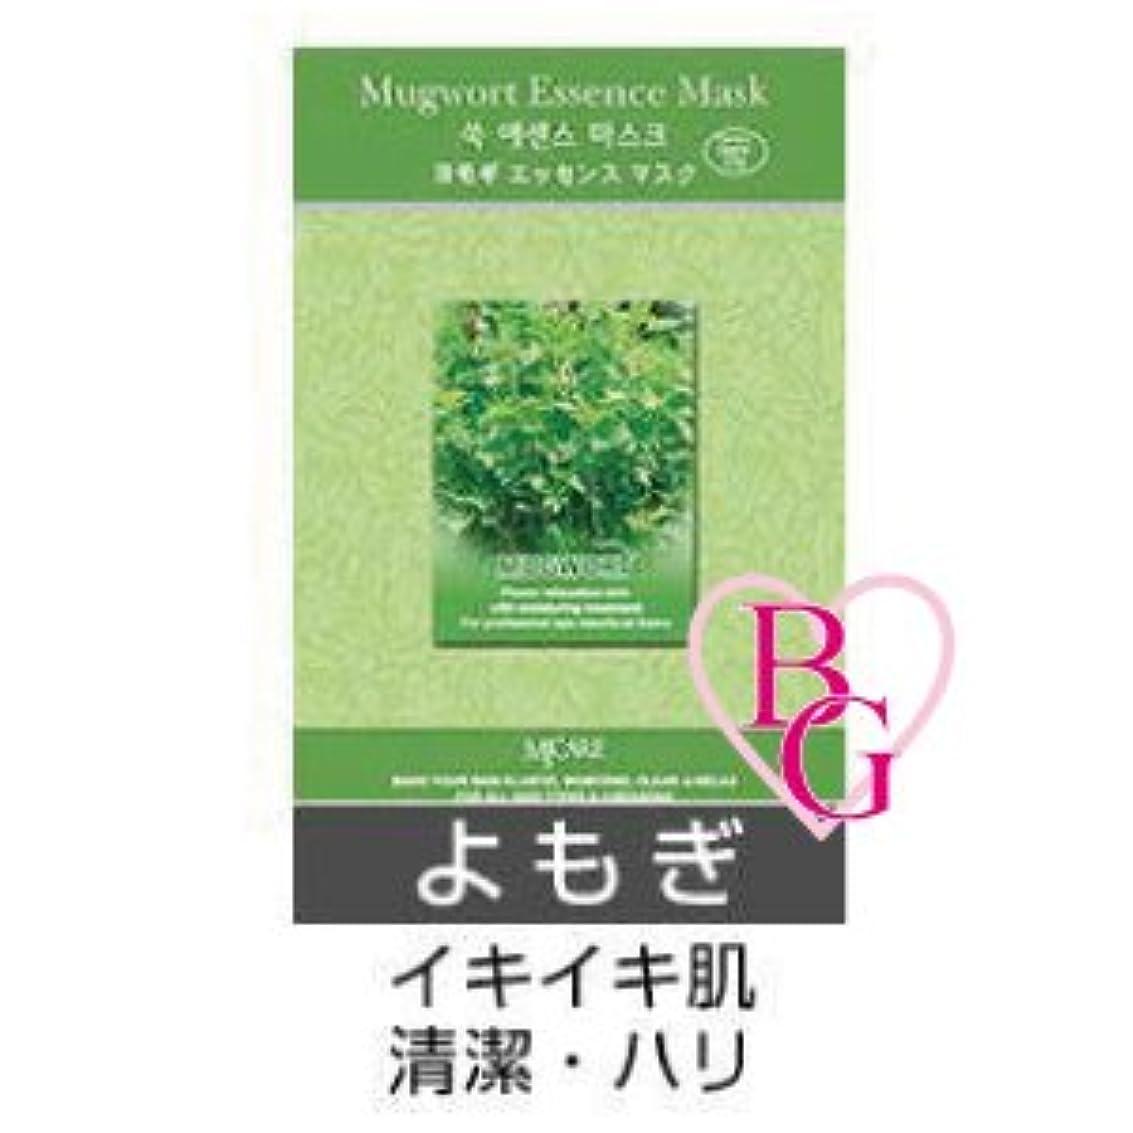 うれしい洞察力のある発音するフェイスパック ヨモギ 韓国コスメ MIJIN(ミジン)コスメ 口コミ ランキング No1 おすすめ シートマスク 100枚